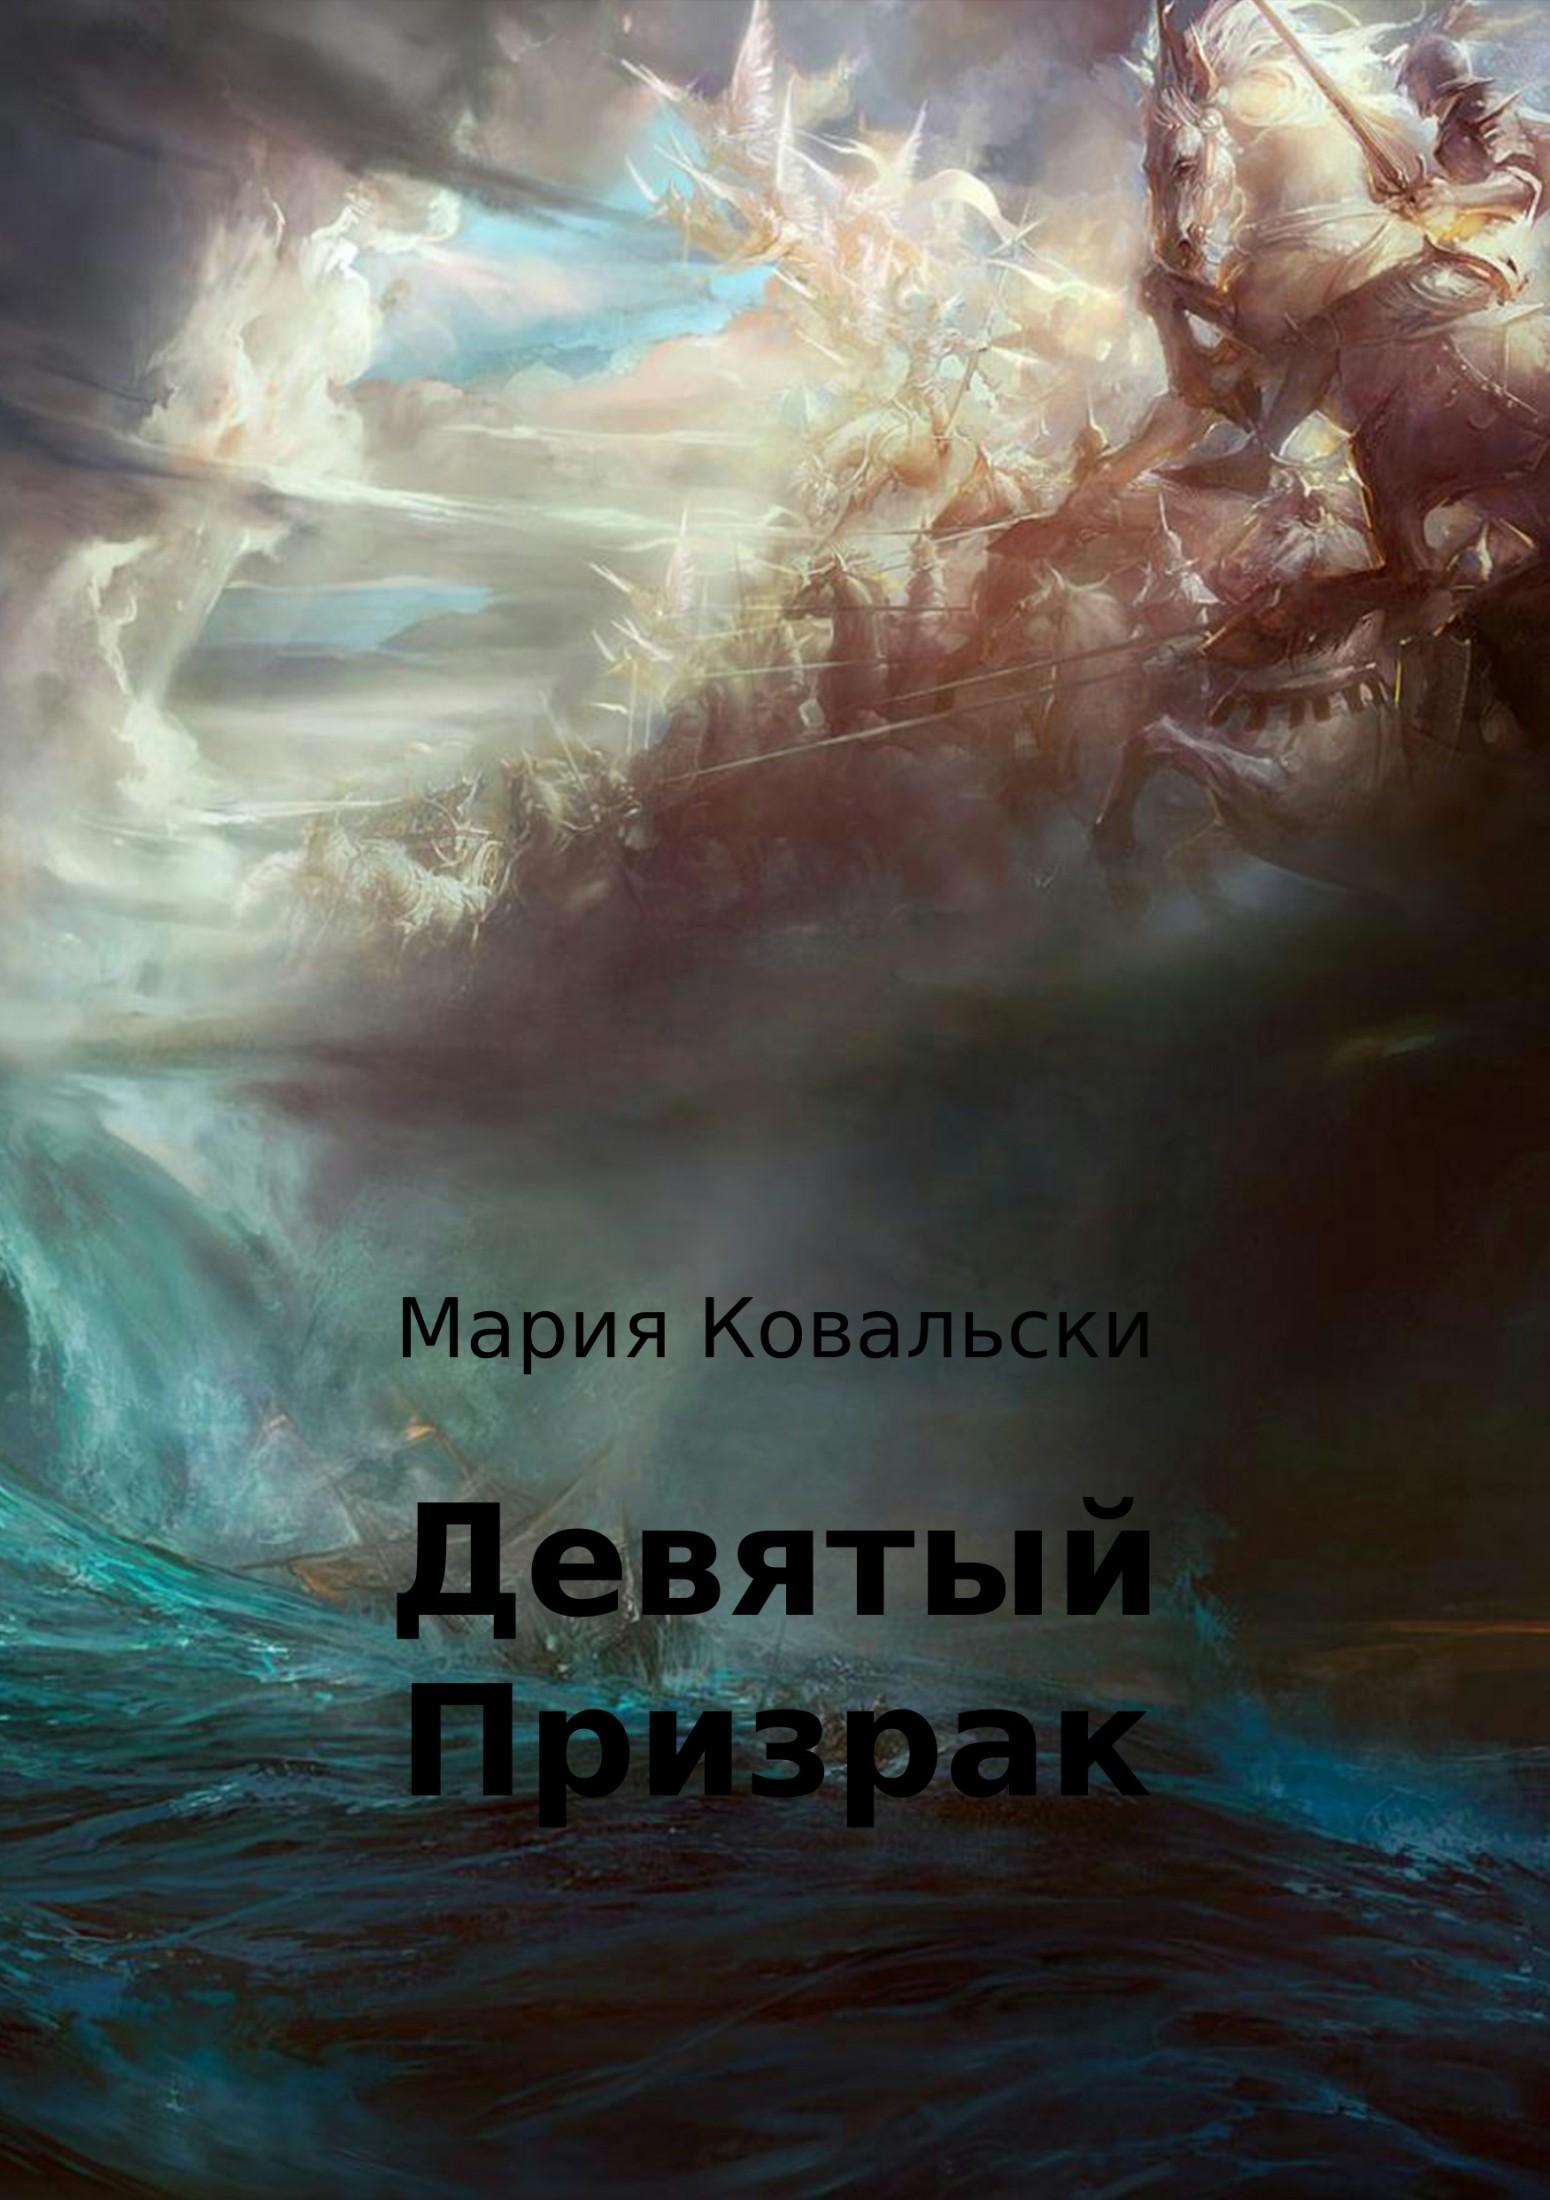 Девятый Призрак